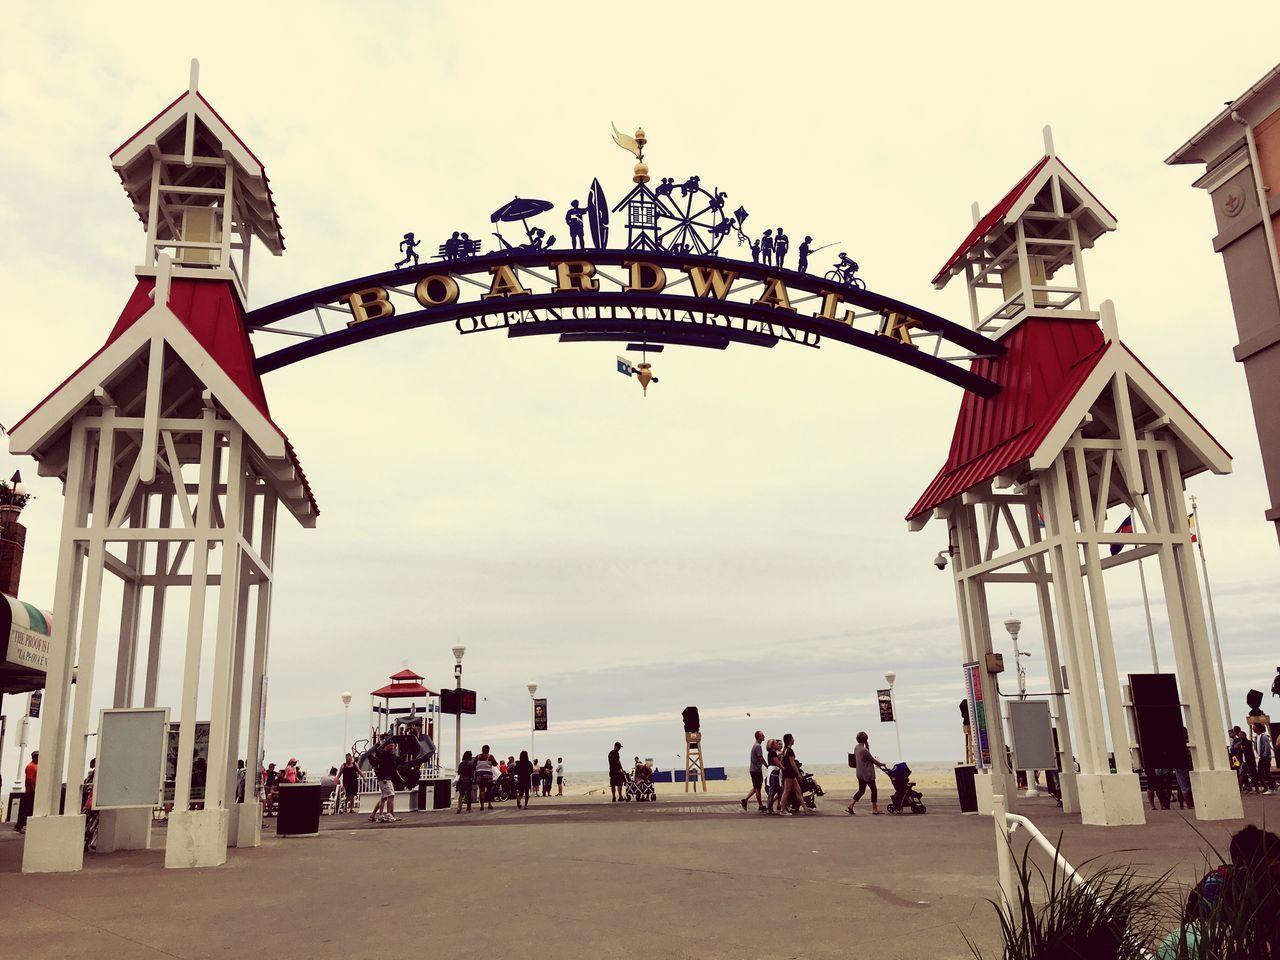 Boardwalk entrance Boardwalk Board Walk To Beach Ocmdphotography Ocmd Ocean City Md Ocean City, MD Ocean City Maryland Ocean City Maryland USA Ocean City, Maryland Ocean City Boarwalk EyeEm Selects